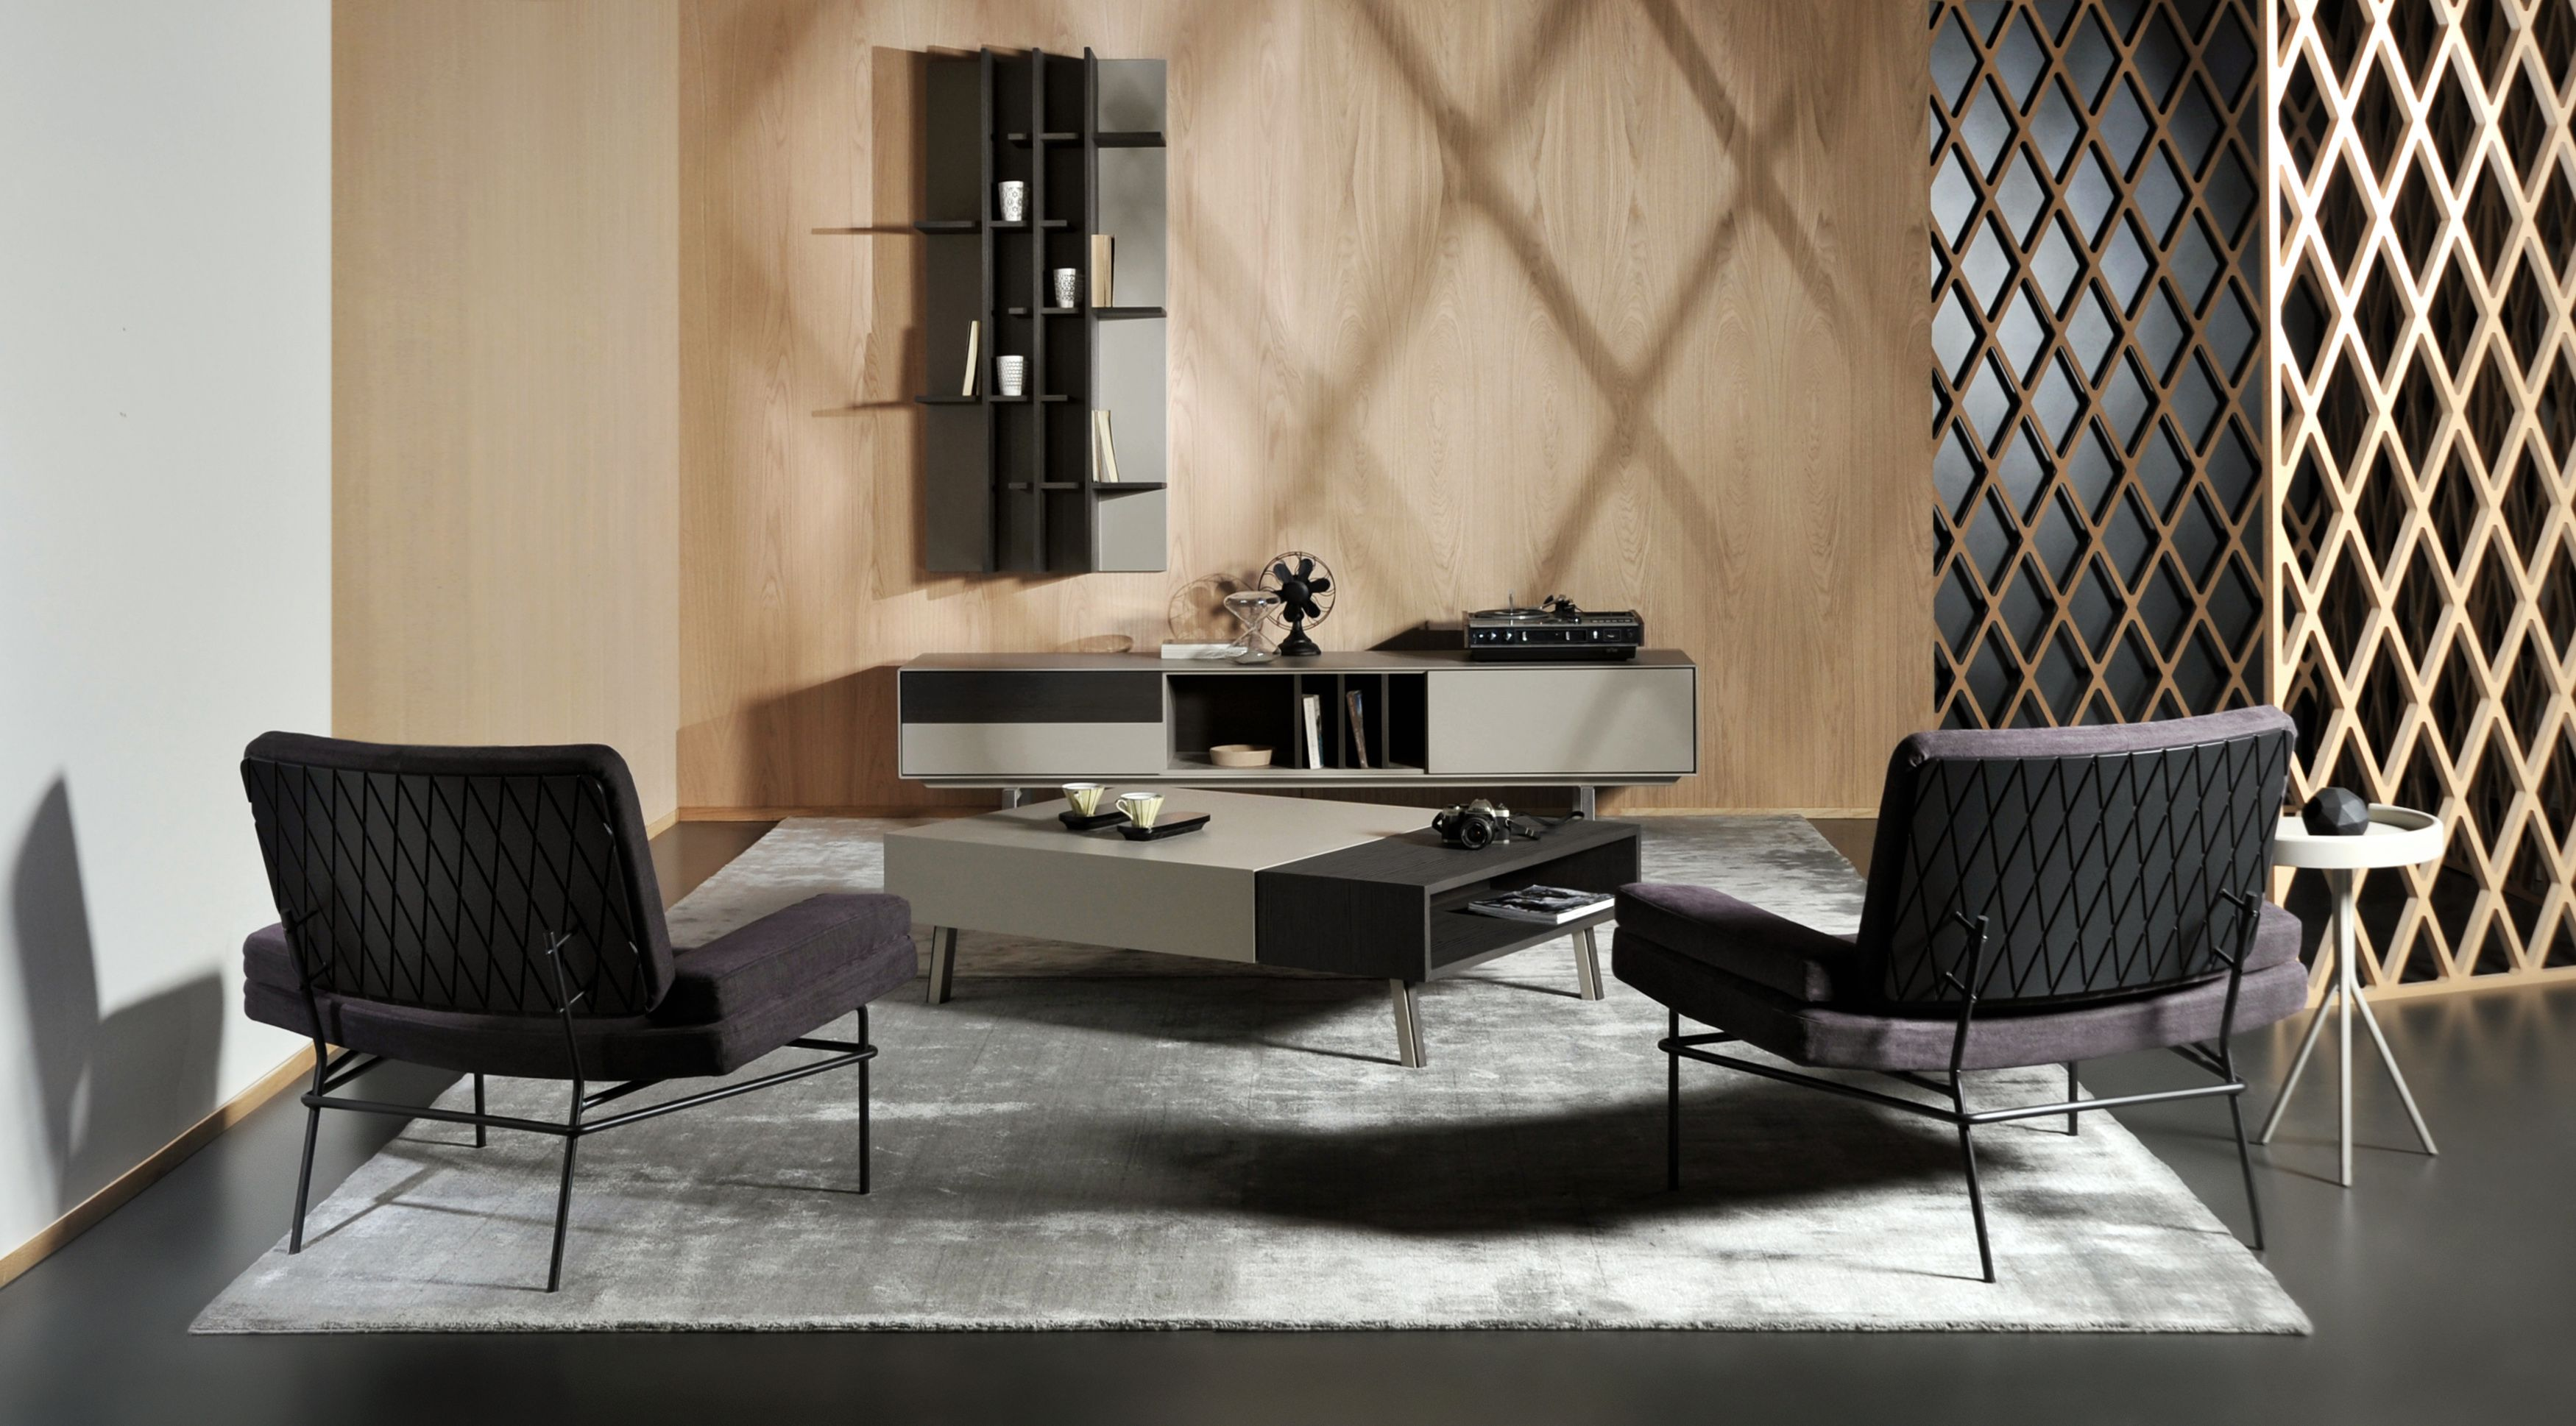 Moderne Wohnzimmer Möbel Von Al2 Möbel Wohnzimmer Sessel Couchtisch einrichten